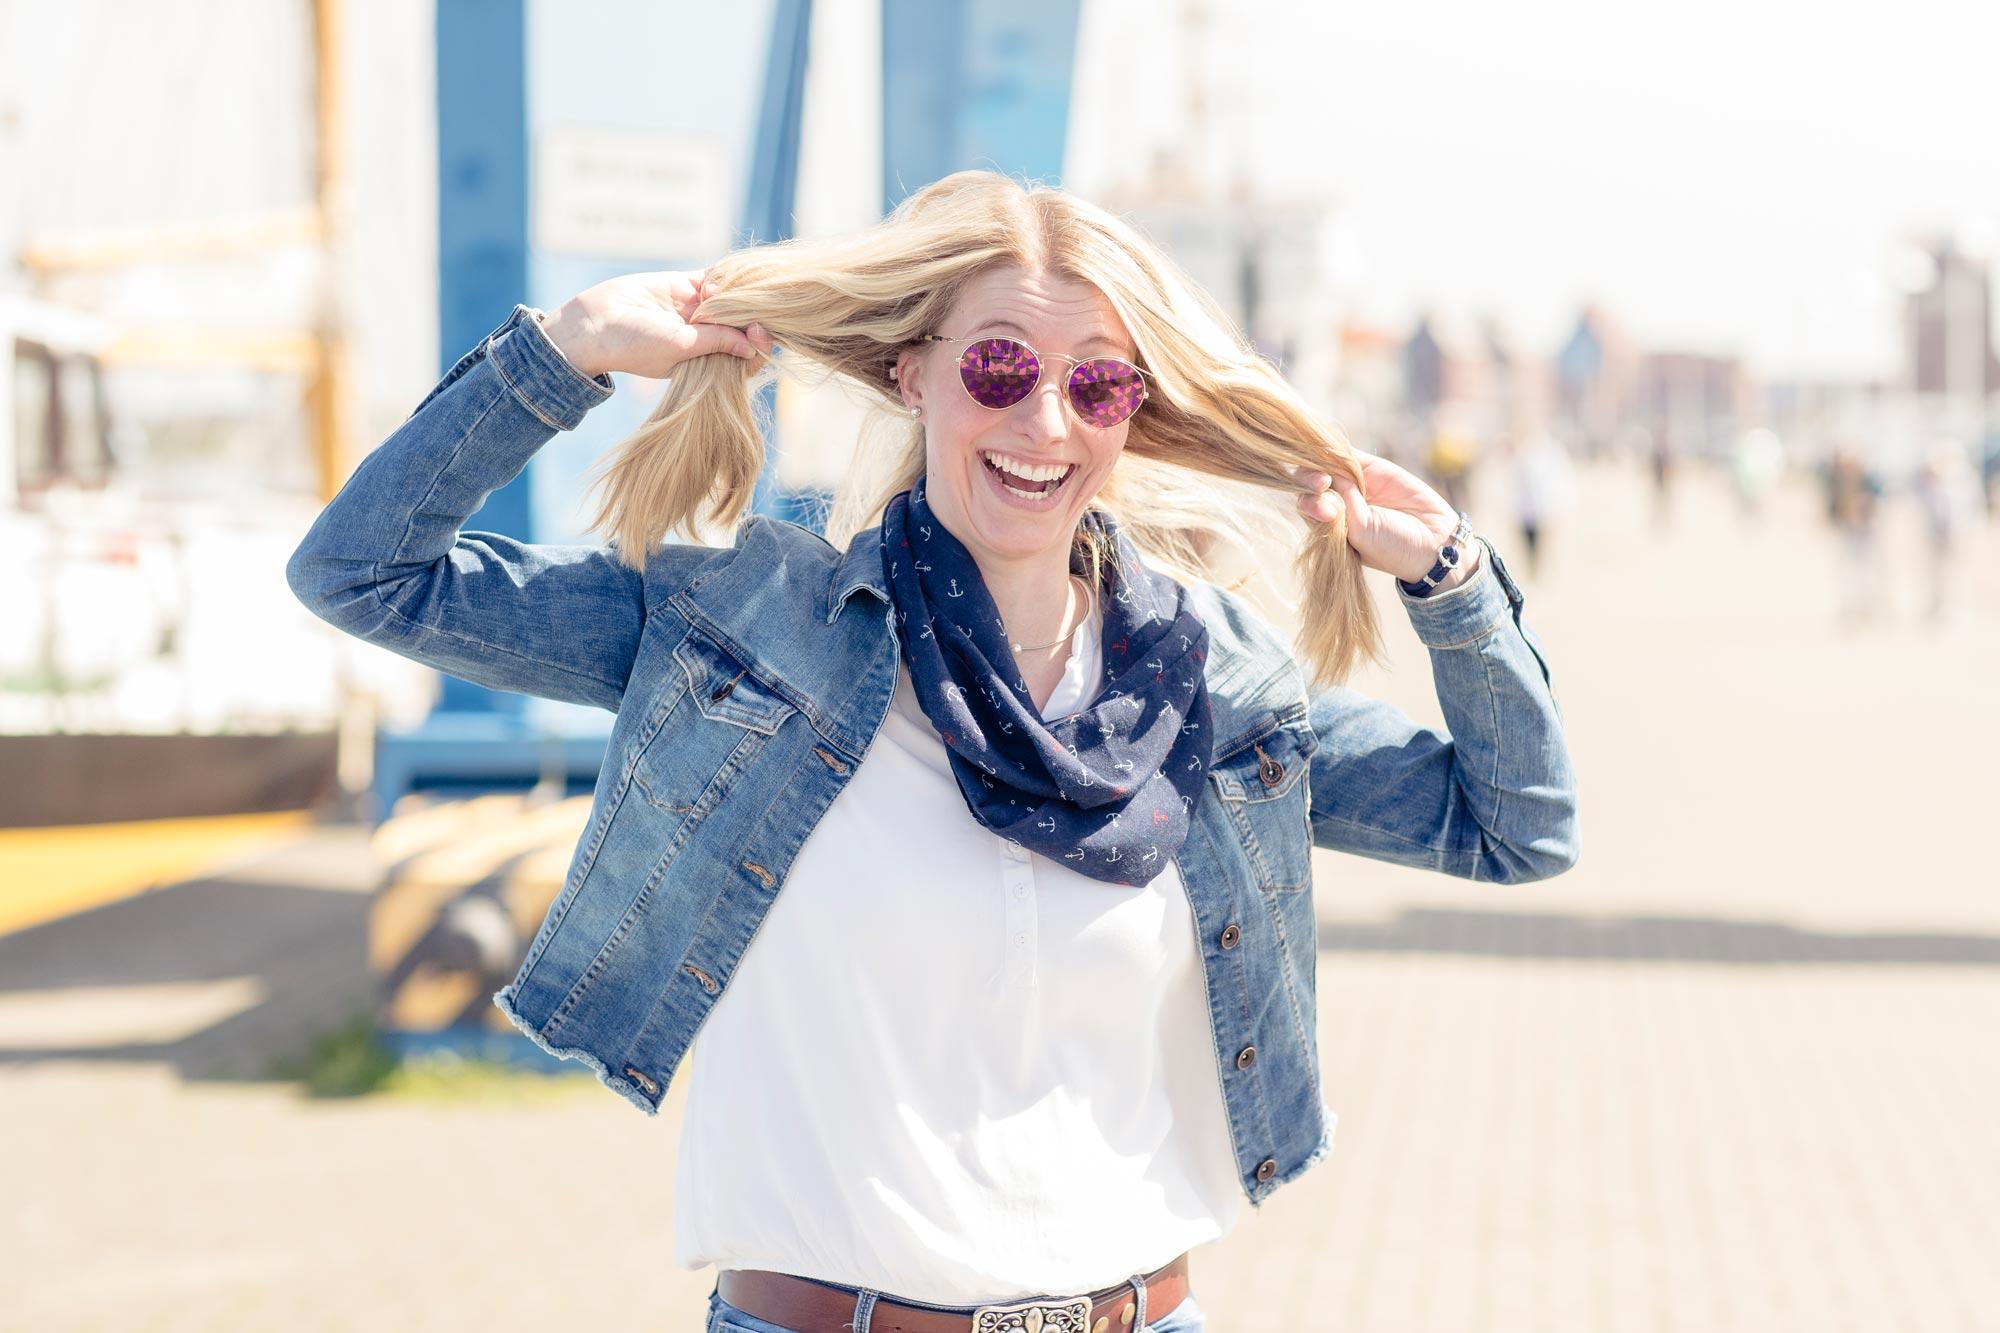 Victoria Westhues ist Augenoptikerin bei Optik Sagawe in Reutershagen - hat hier eine Sonnenbrille von Dior auf